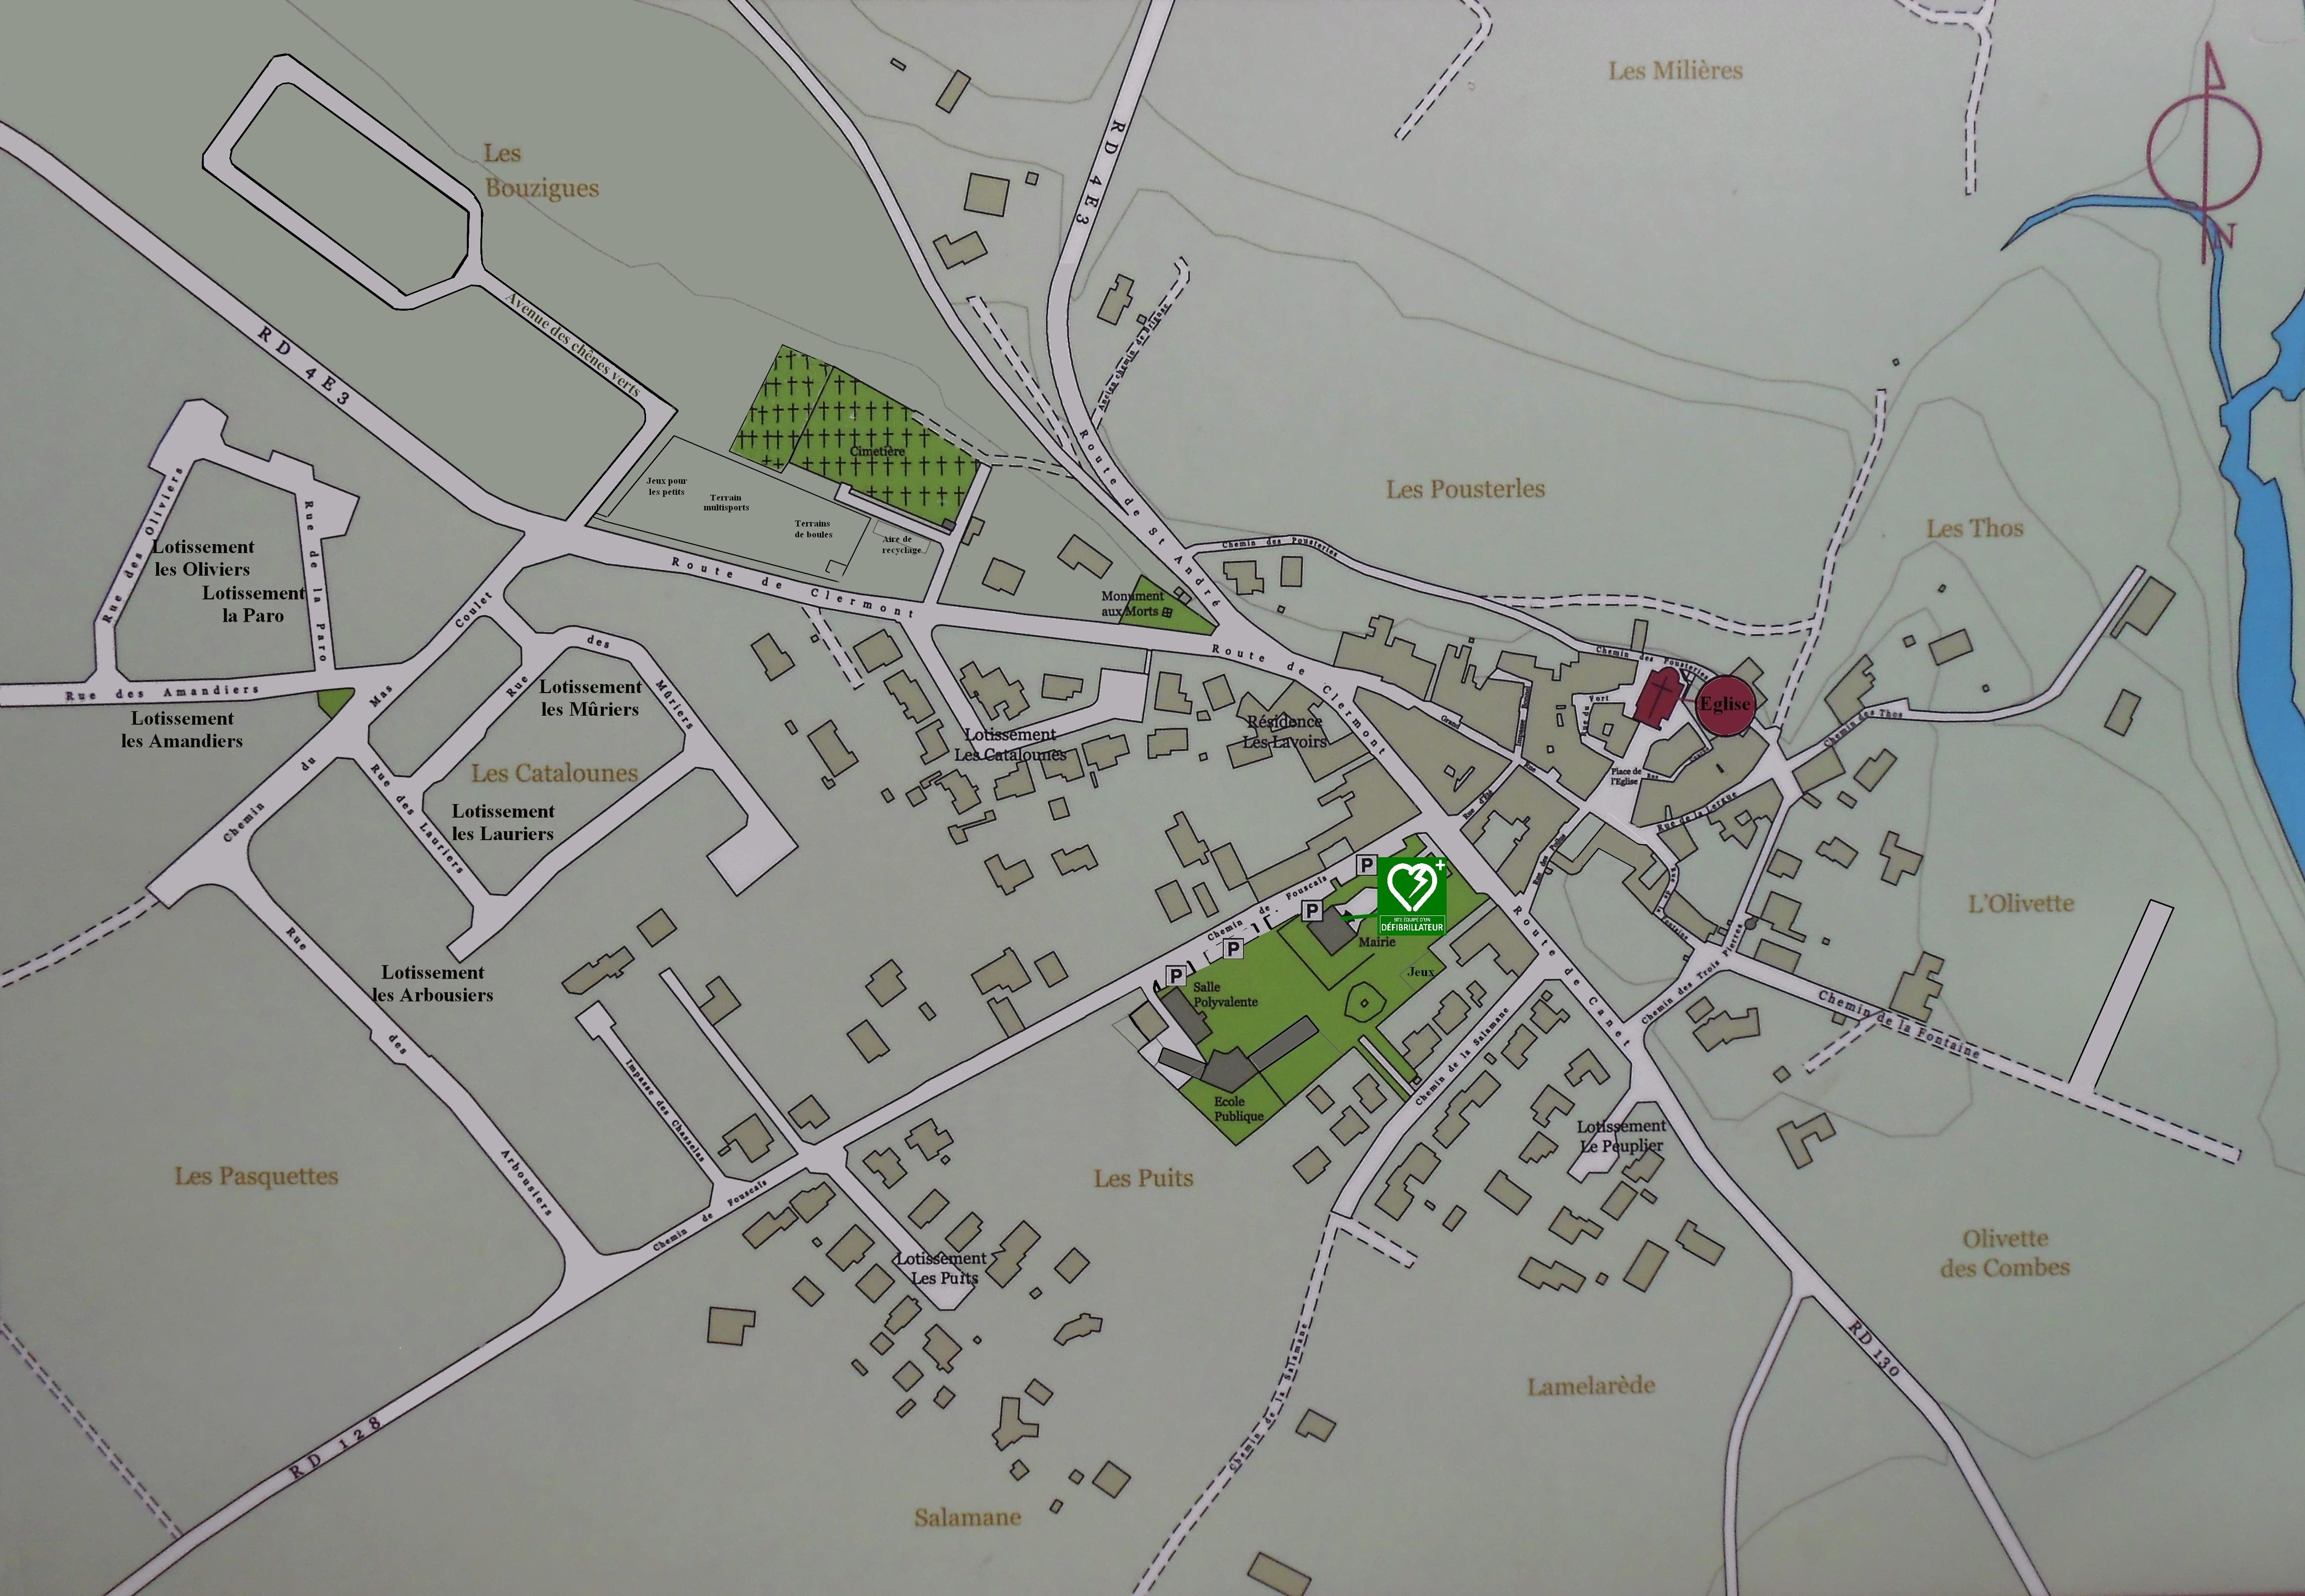 PLAN DE BRIGNAC 2